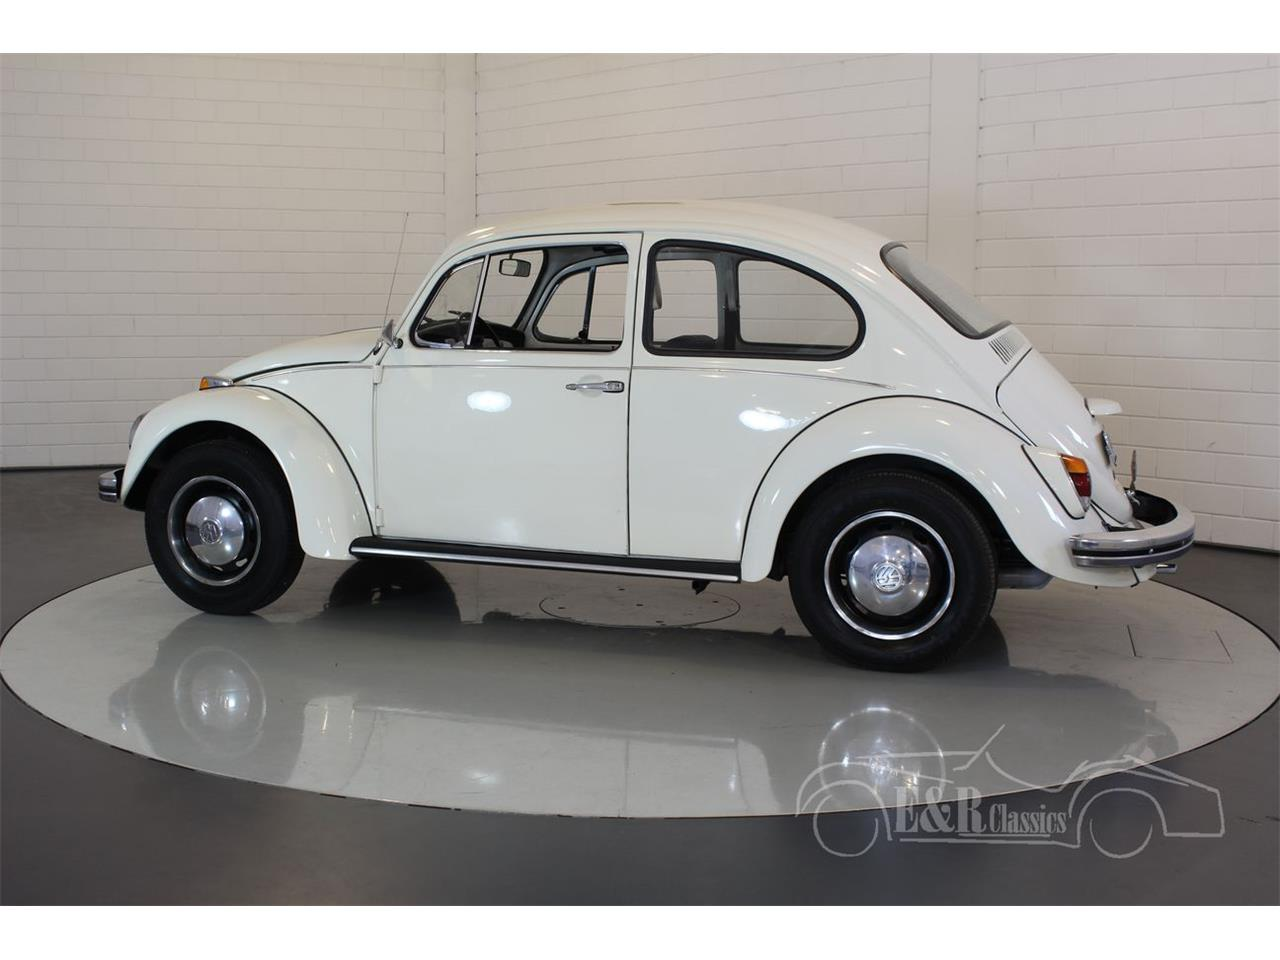 Large Picture of Classic '73 Volkswagen Beetle located in Waalwijk Noord-Brabant - $13,500.00 - QJ2U